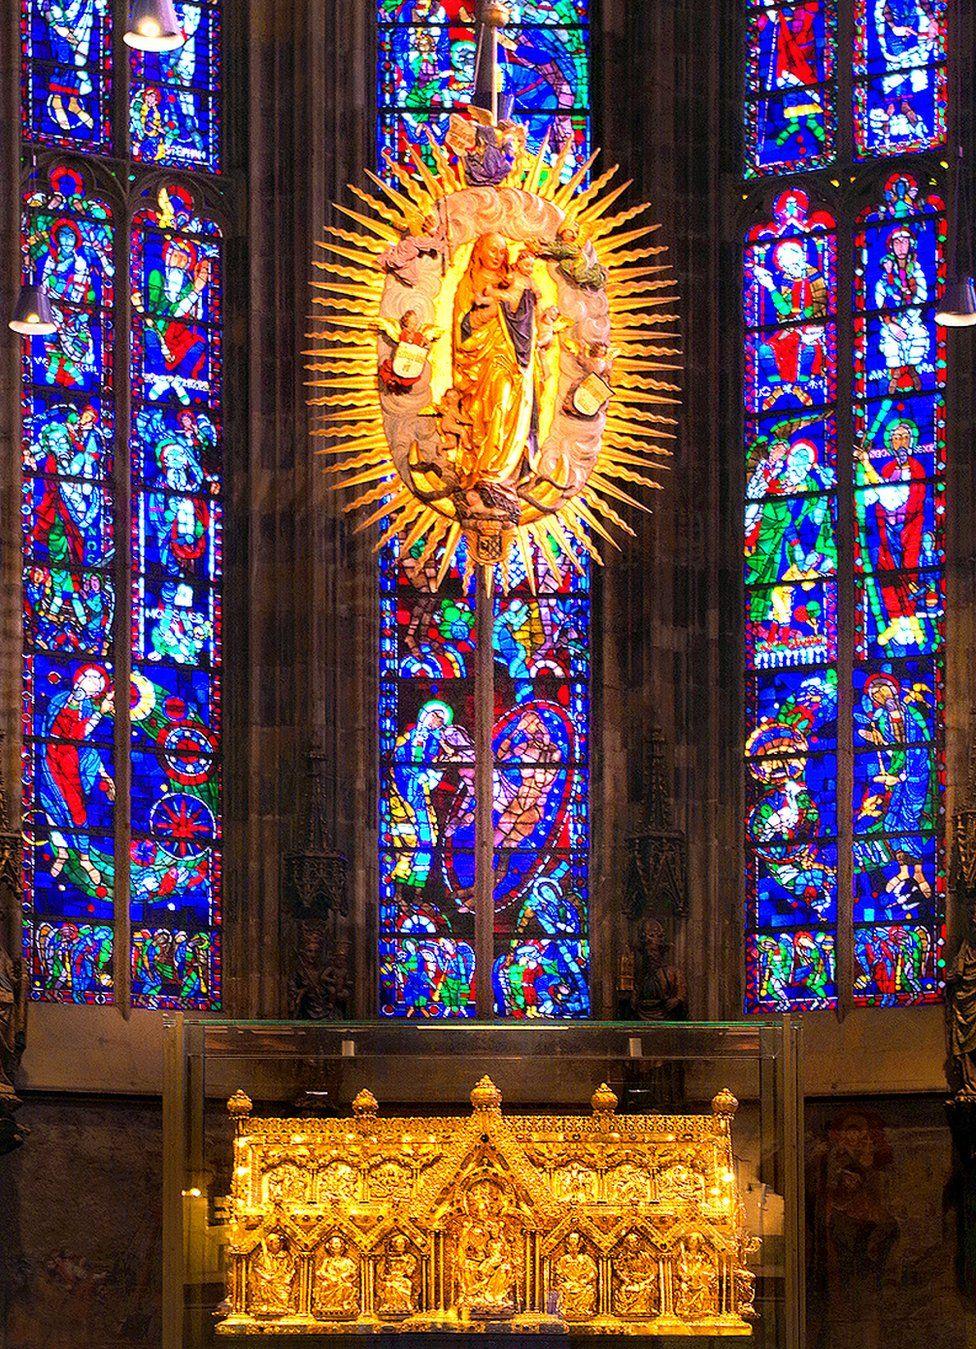 A Madonna in church